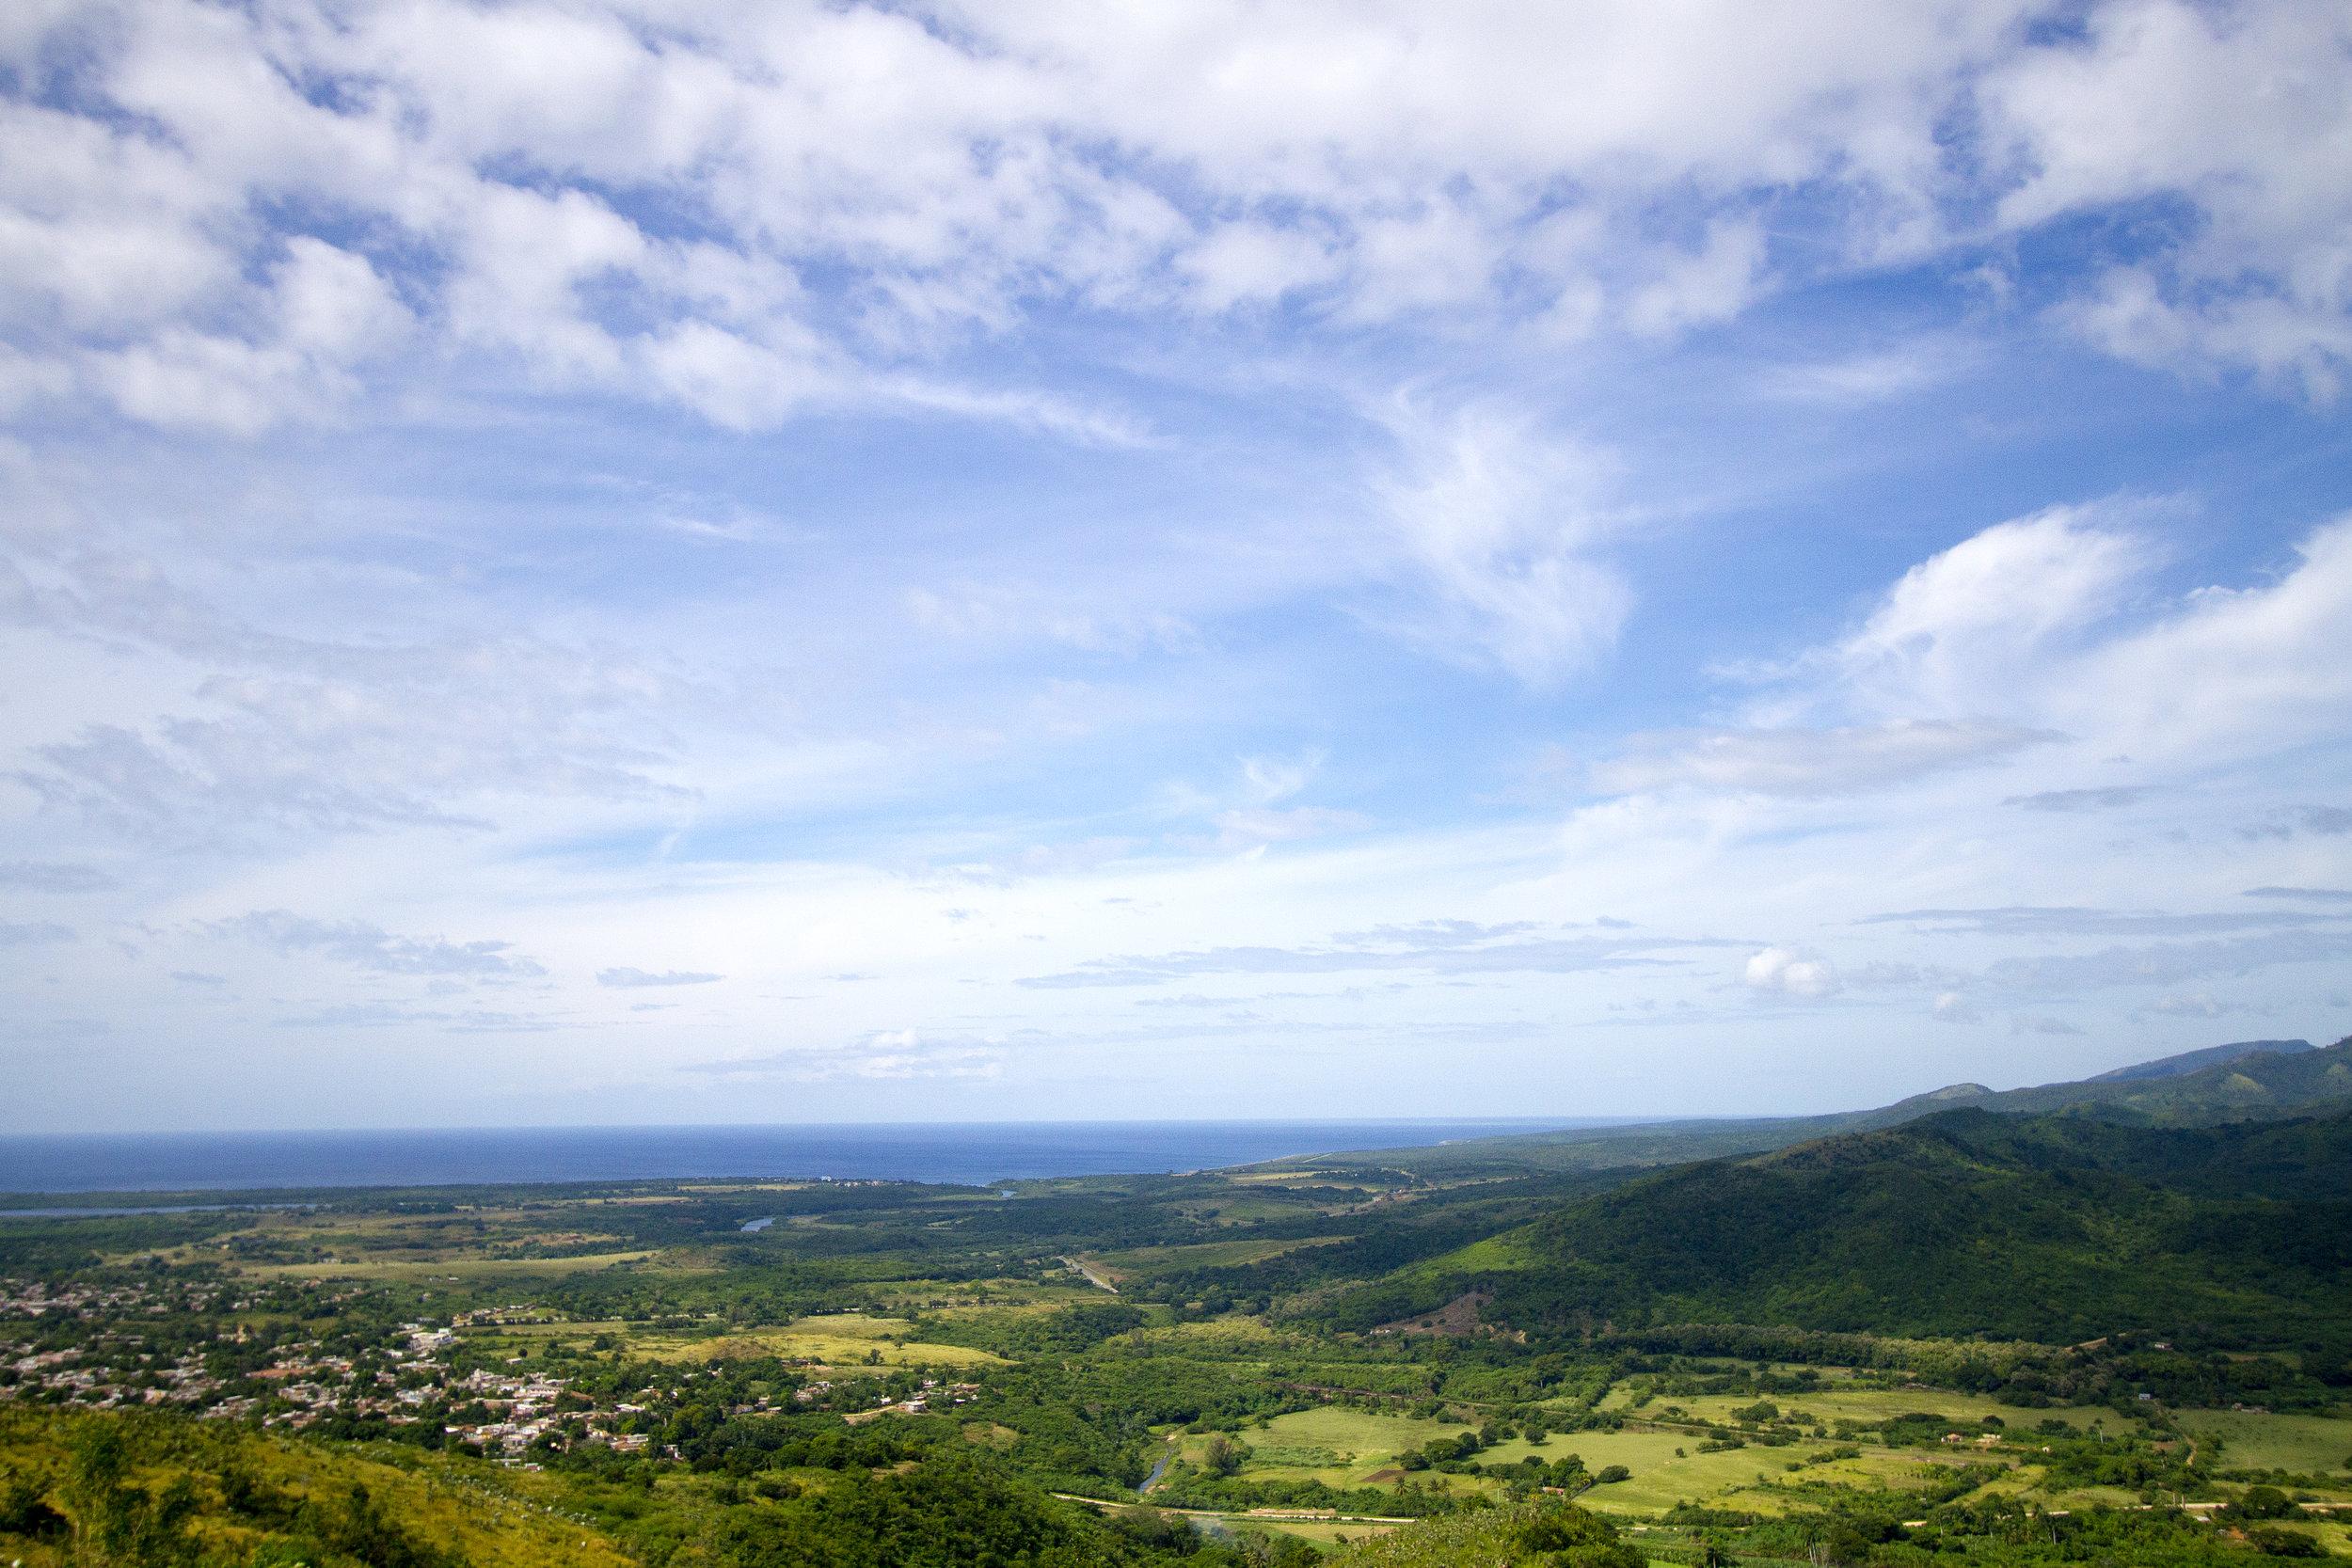 View from the top of Cerro de la Vigia